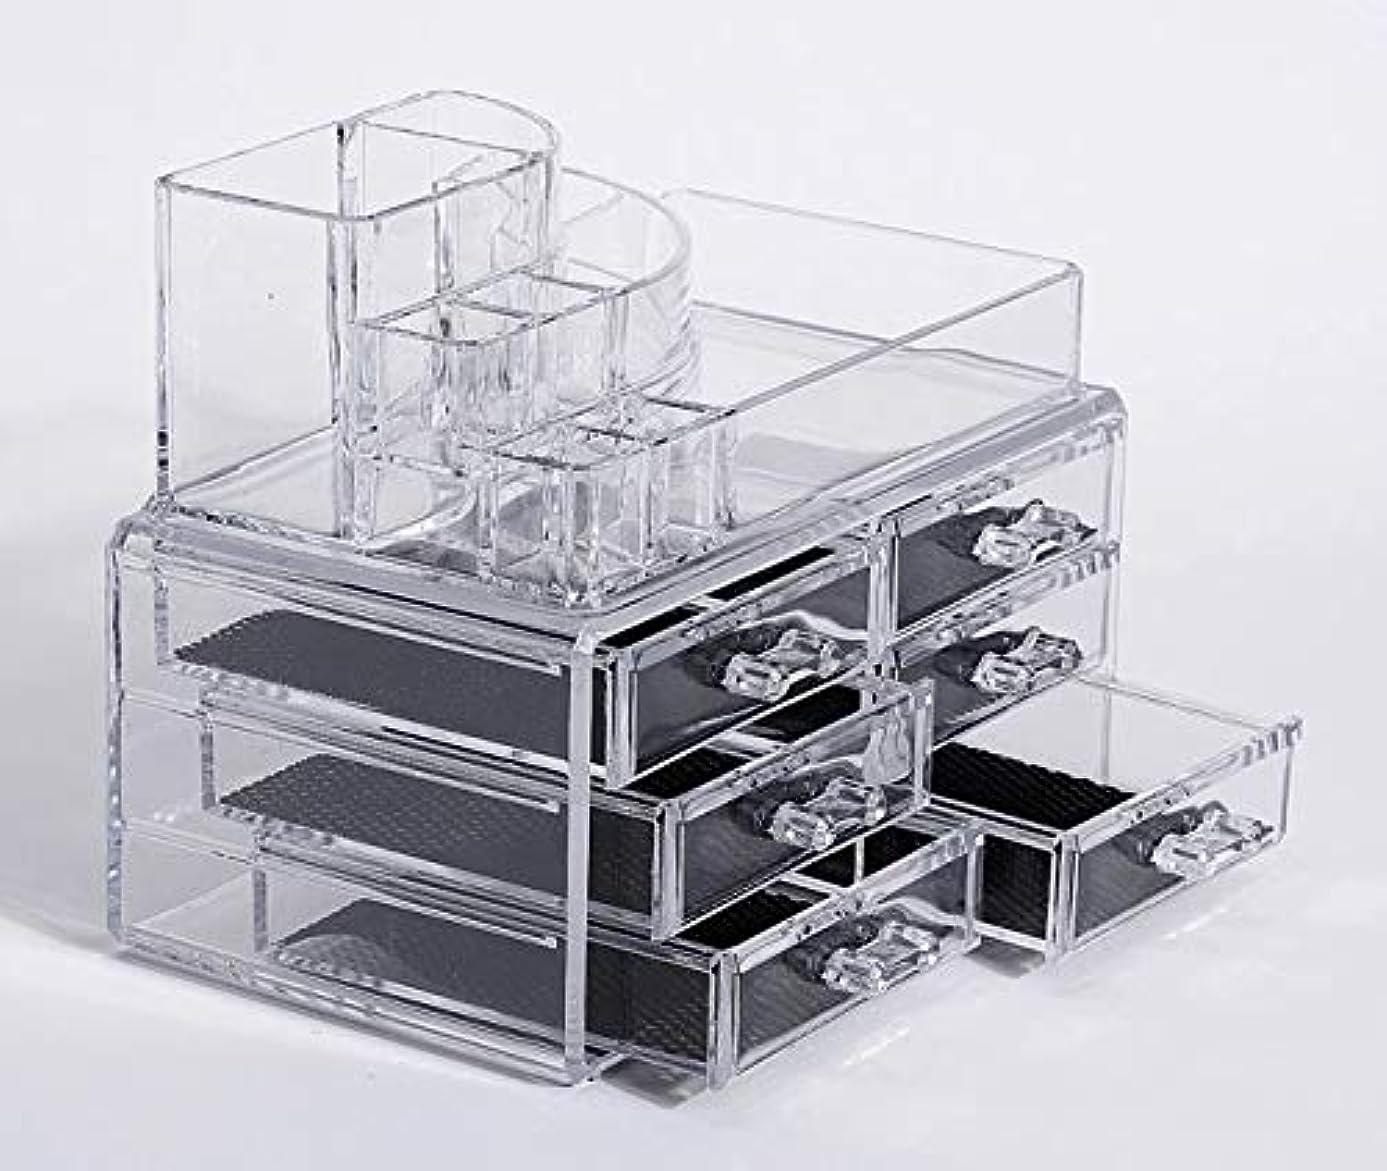 ソーシャル挑発する発表する化粧品収納ボックス メイクボックス 化粧品 収納 ニオイなし 騒音なし 防塵 高透明度 強い耐久性